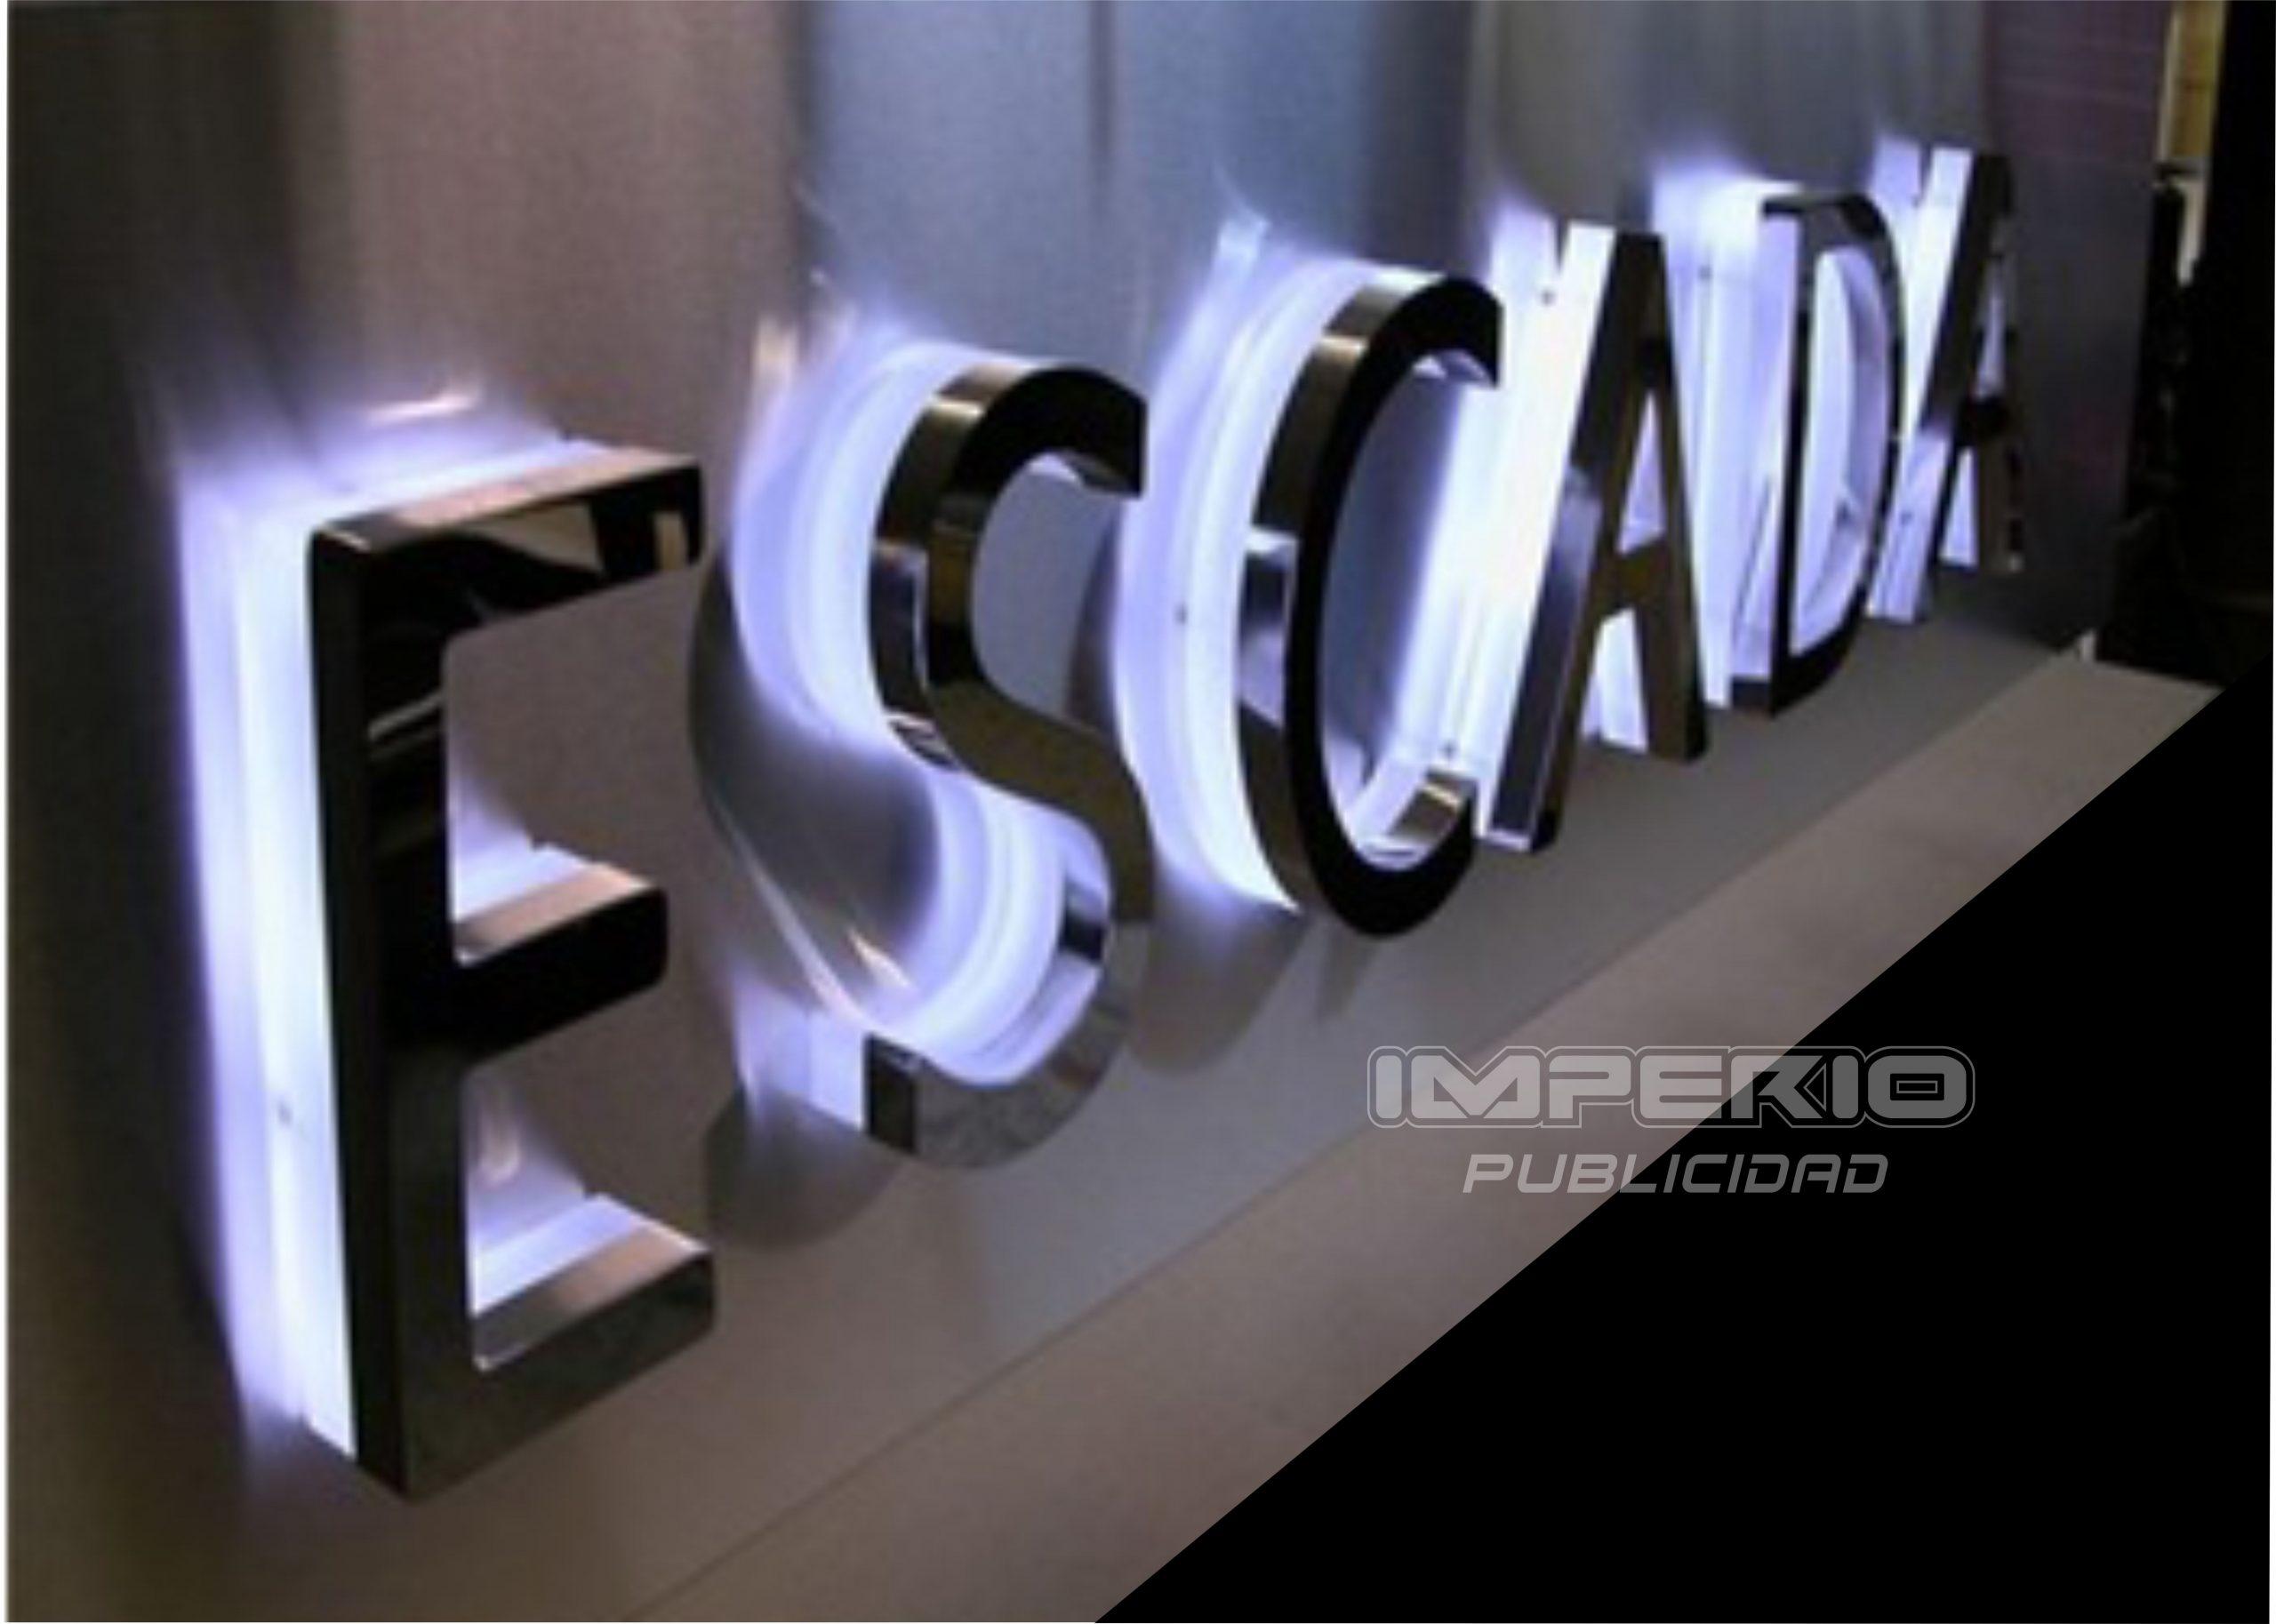 letras 3d de acero inoxidable iluminadas